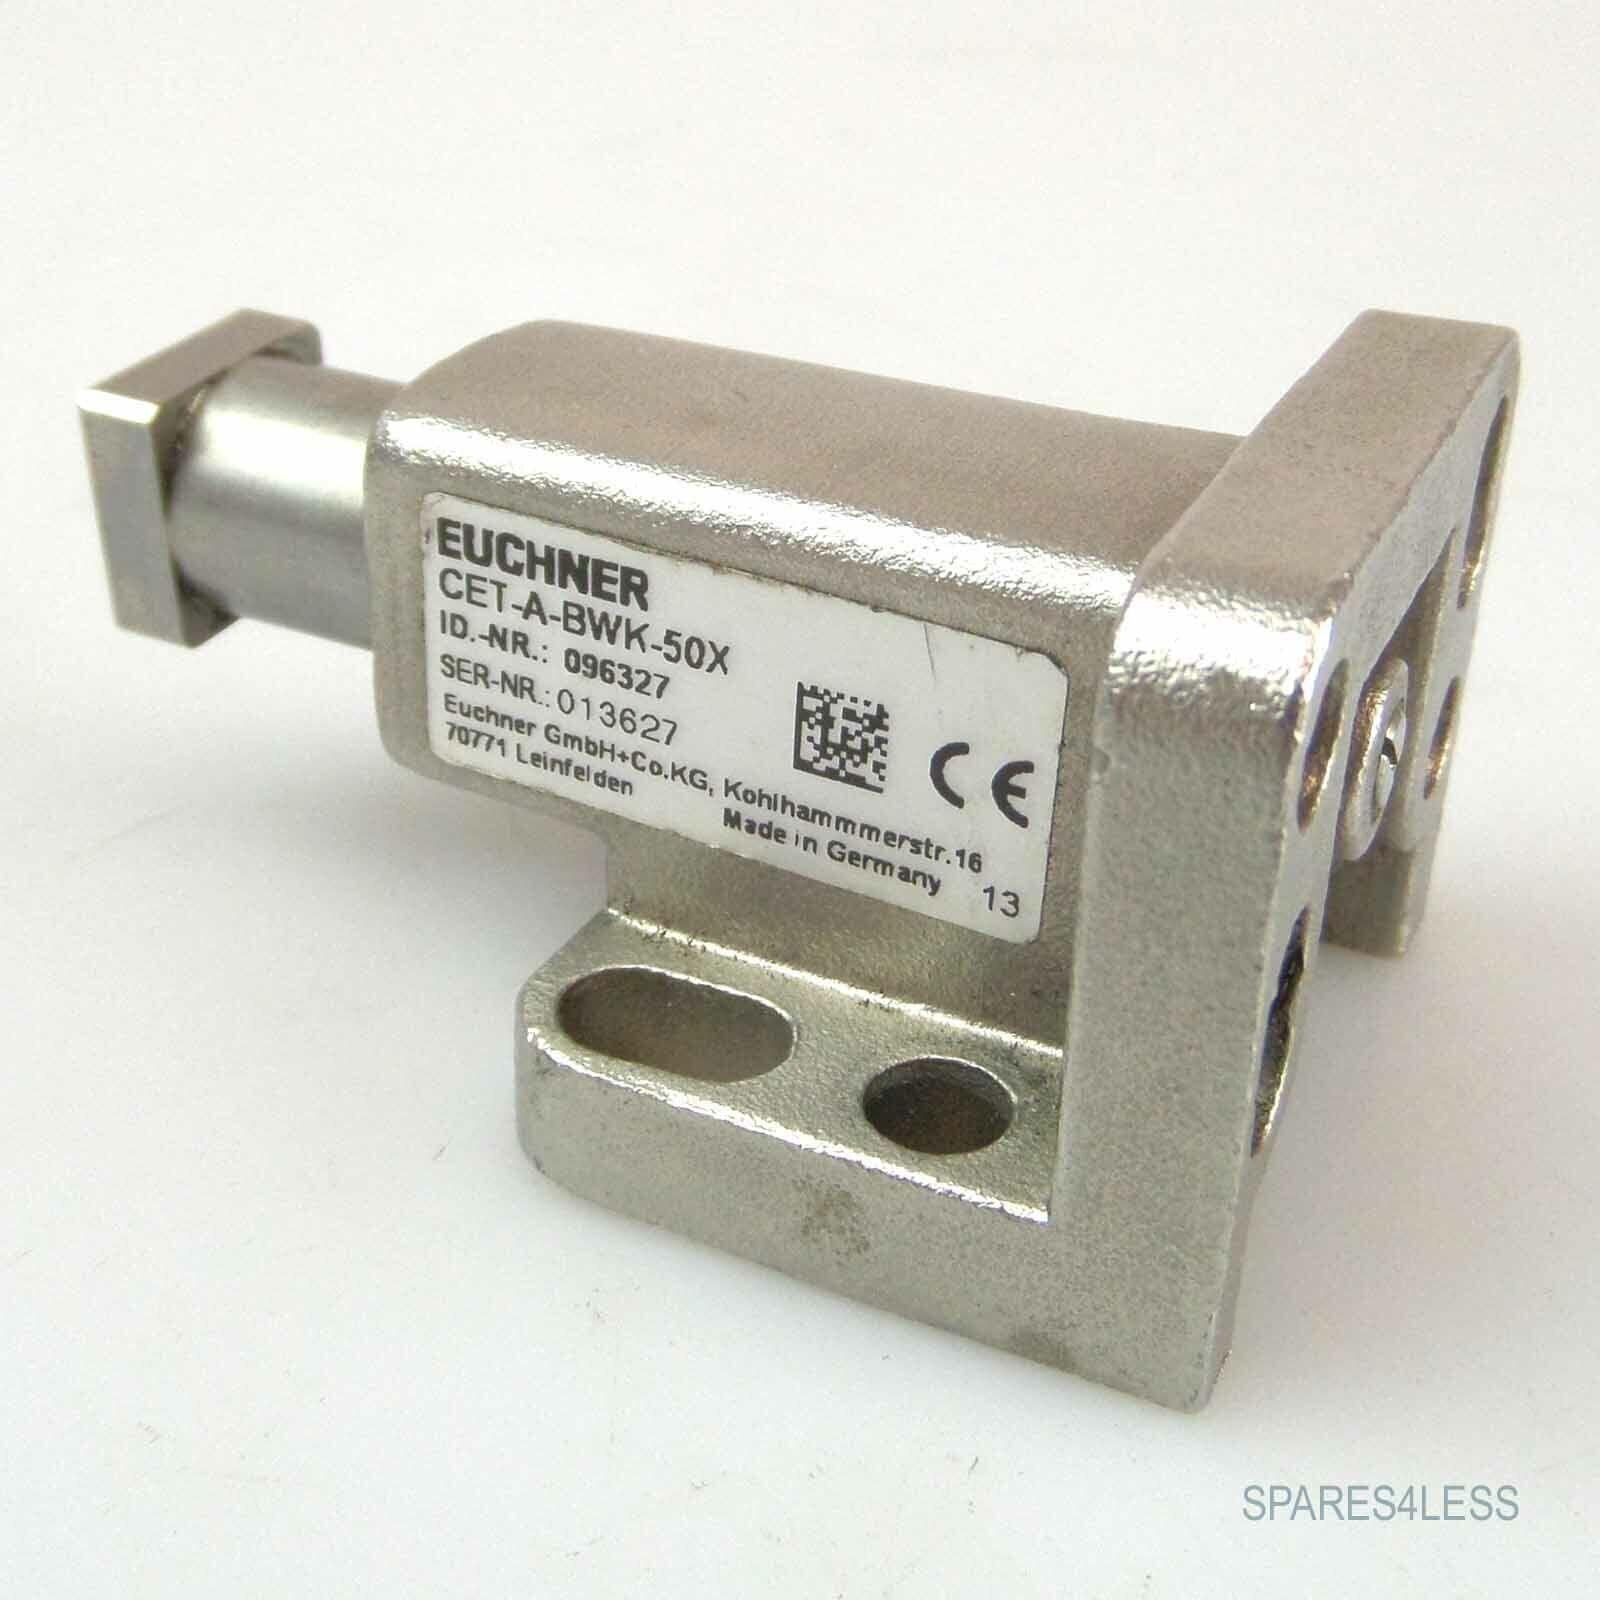 ungebraucht Euchner CET-A-BWK-50X Actuator 096327 HI